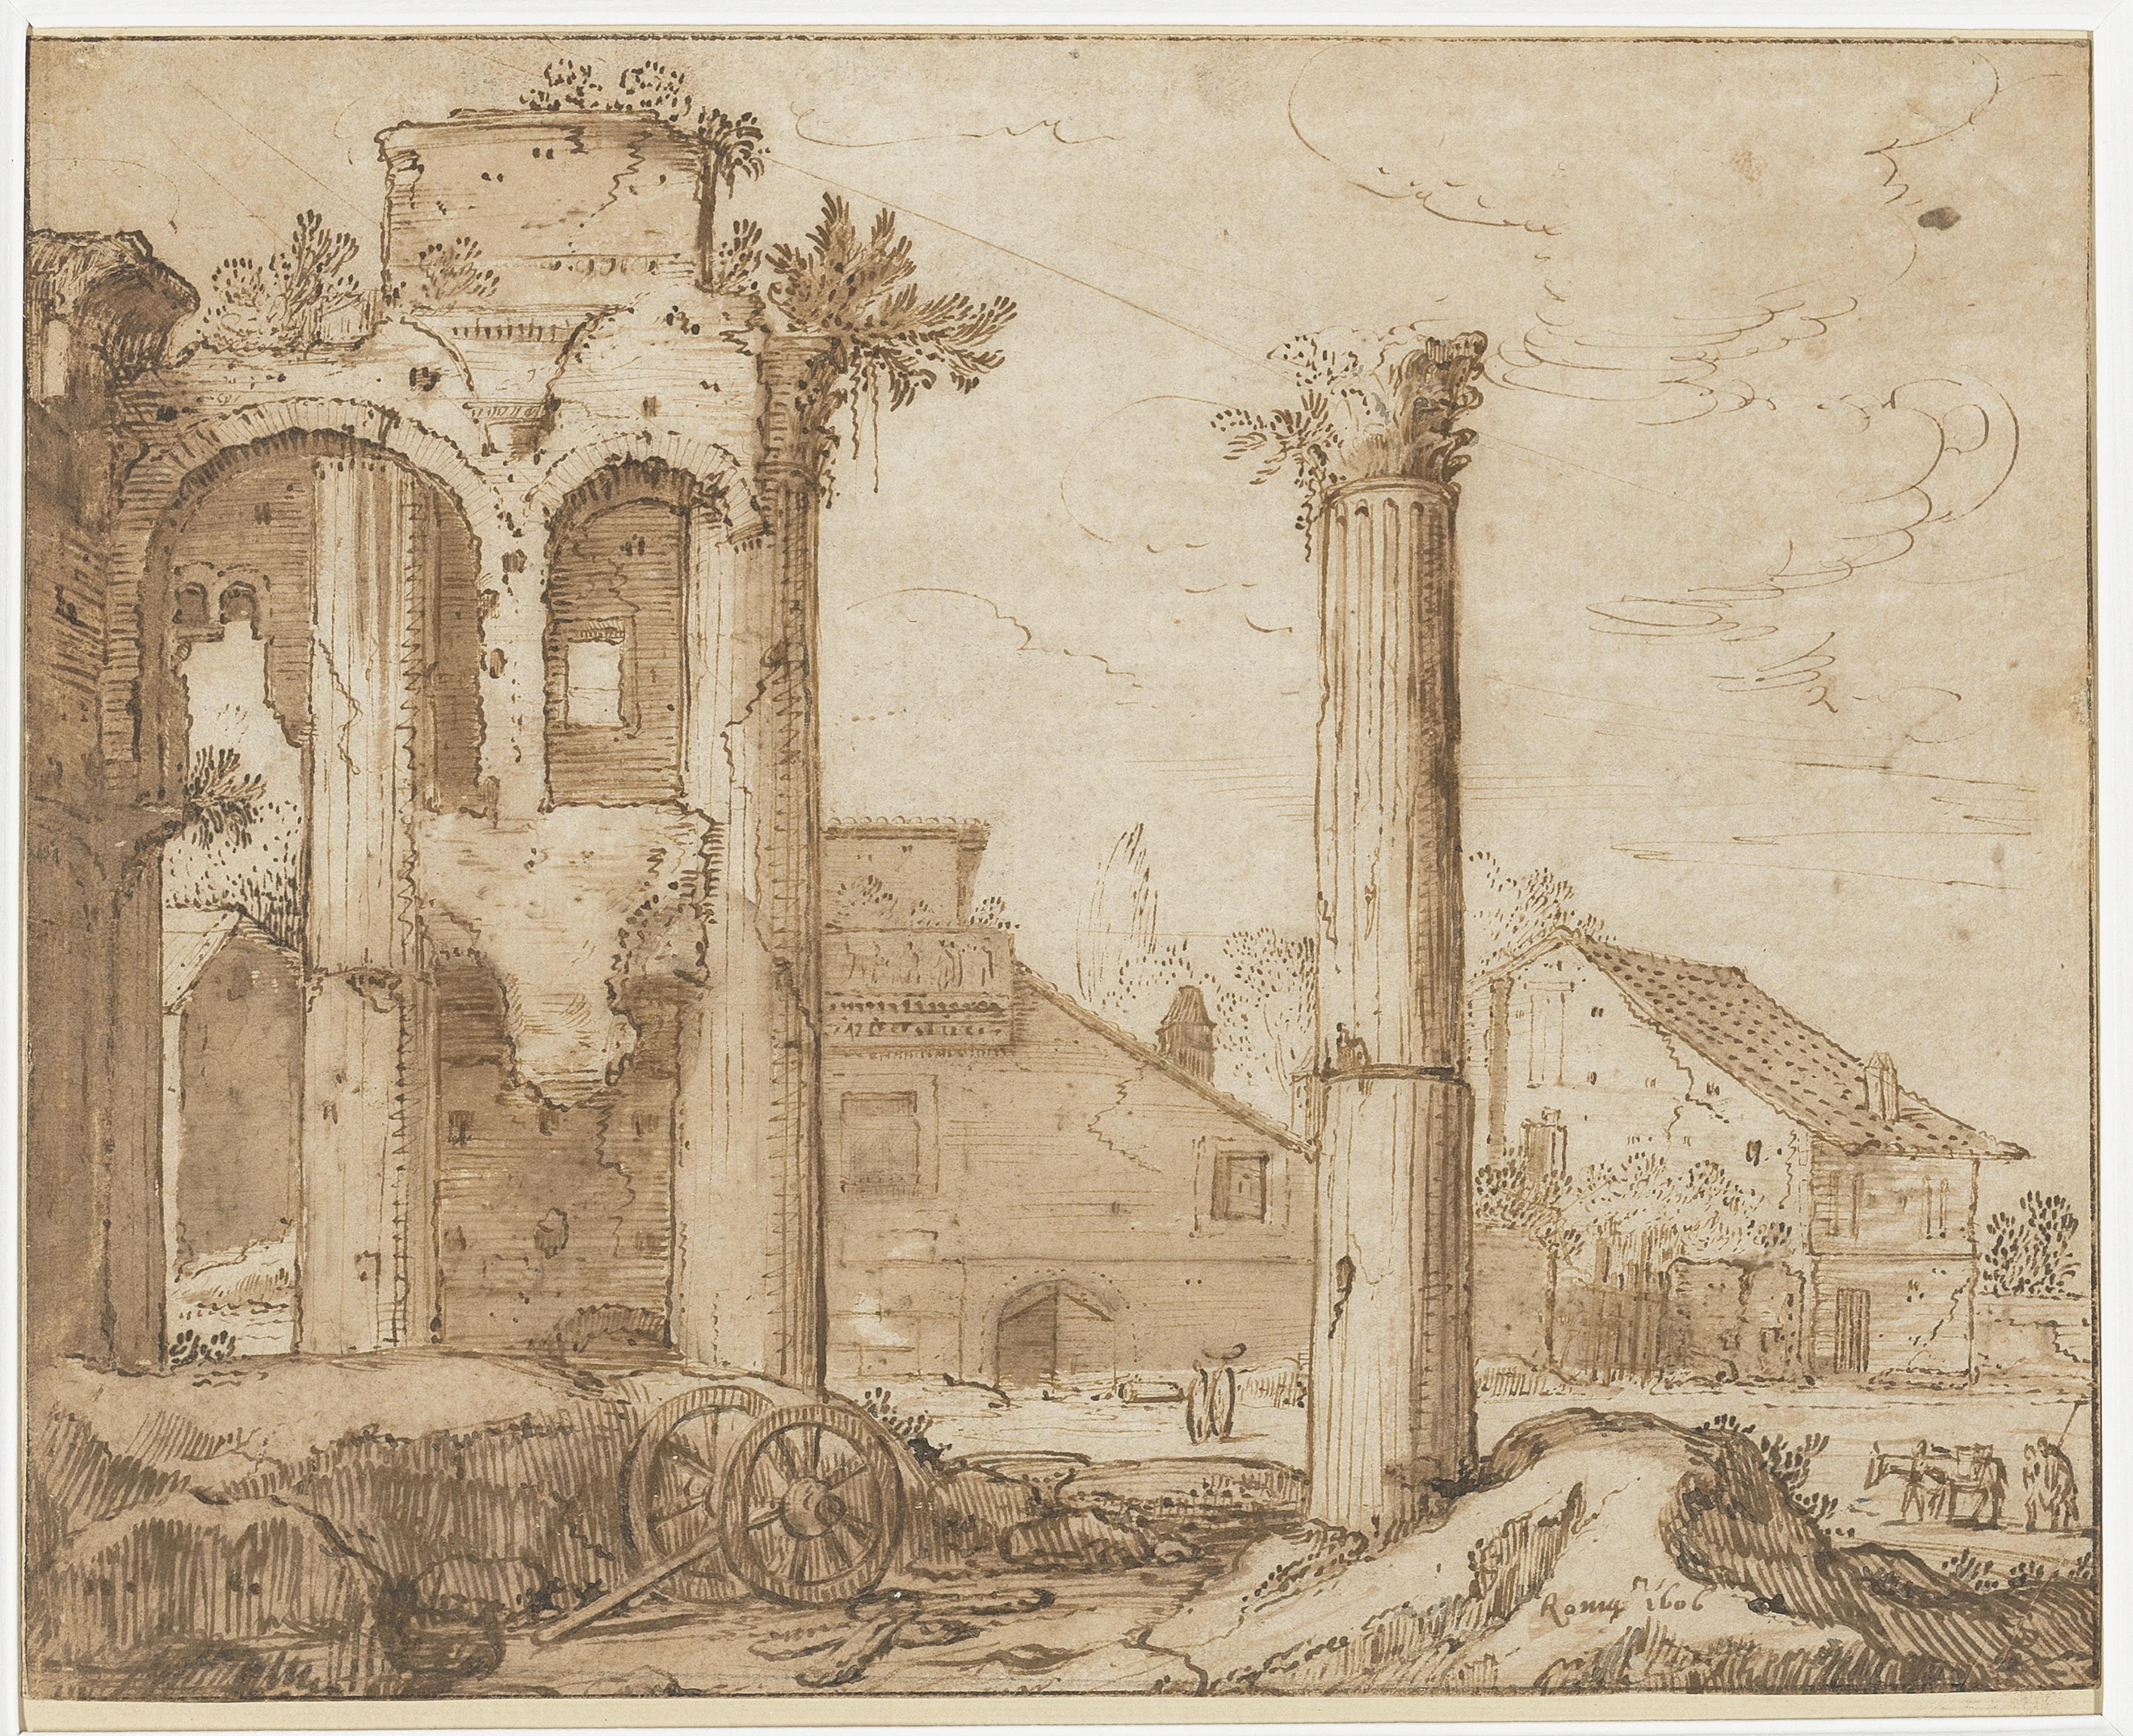 Pieter Lastman, De tempel van Minerva op het forum van Nerva, Amsterdam, Rijksmuseum